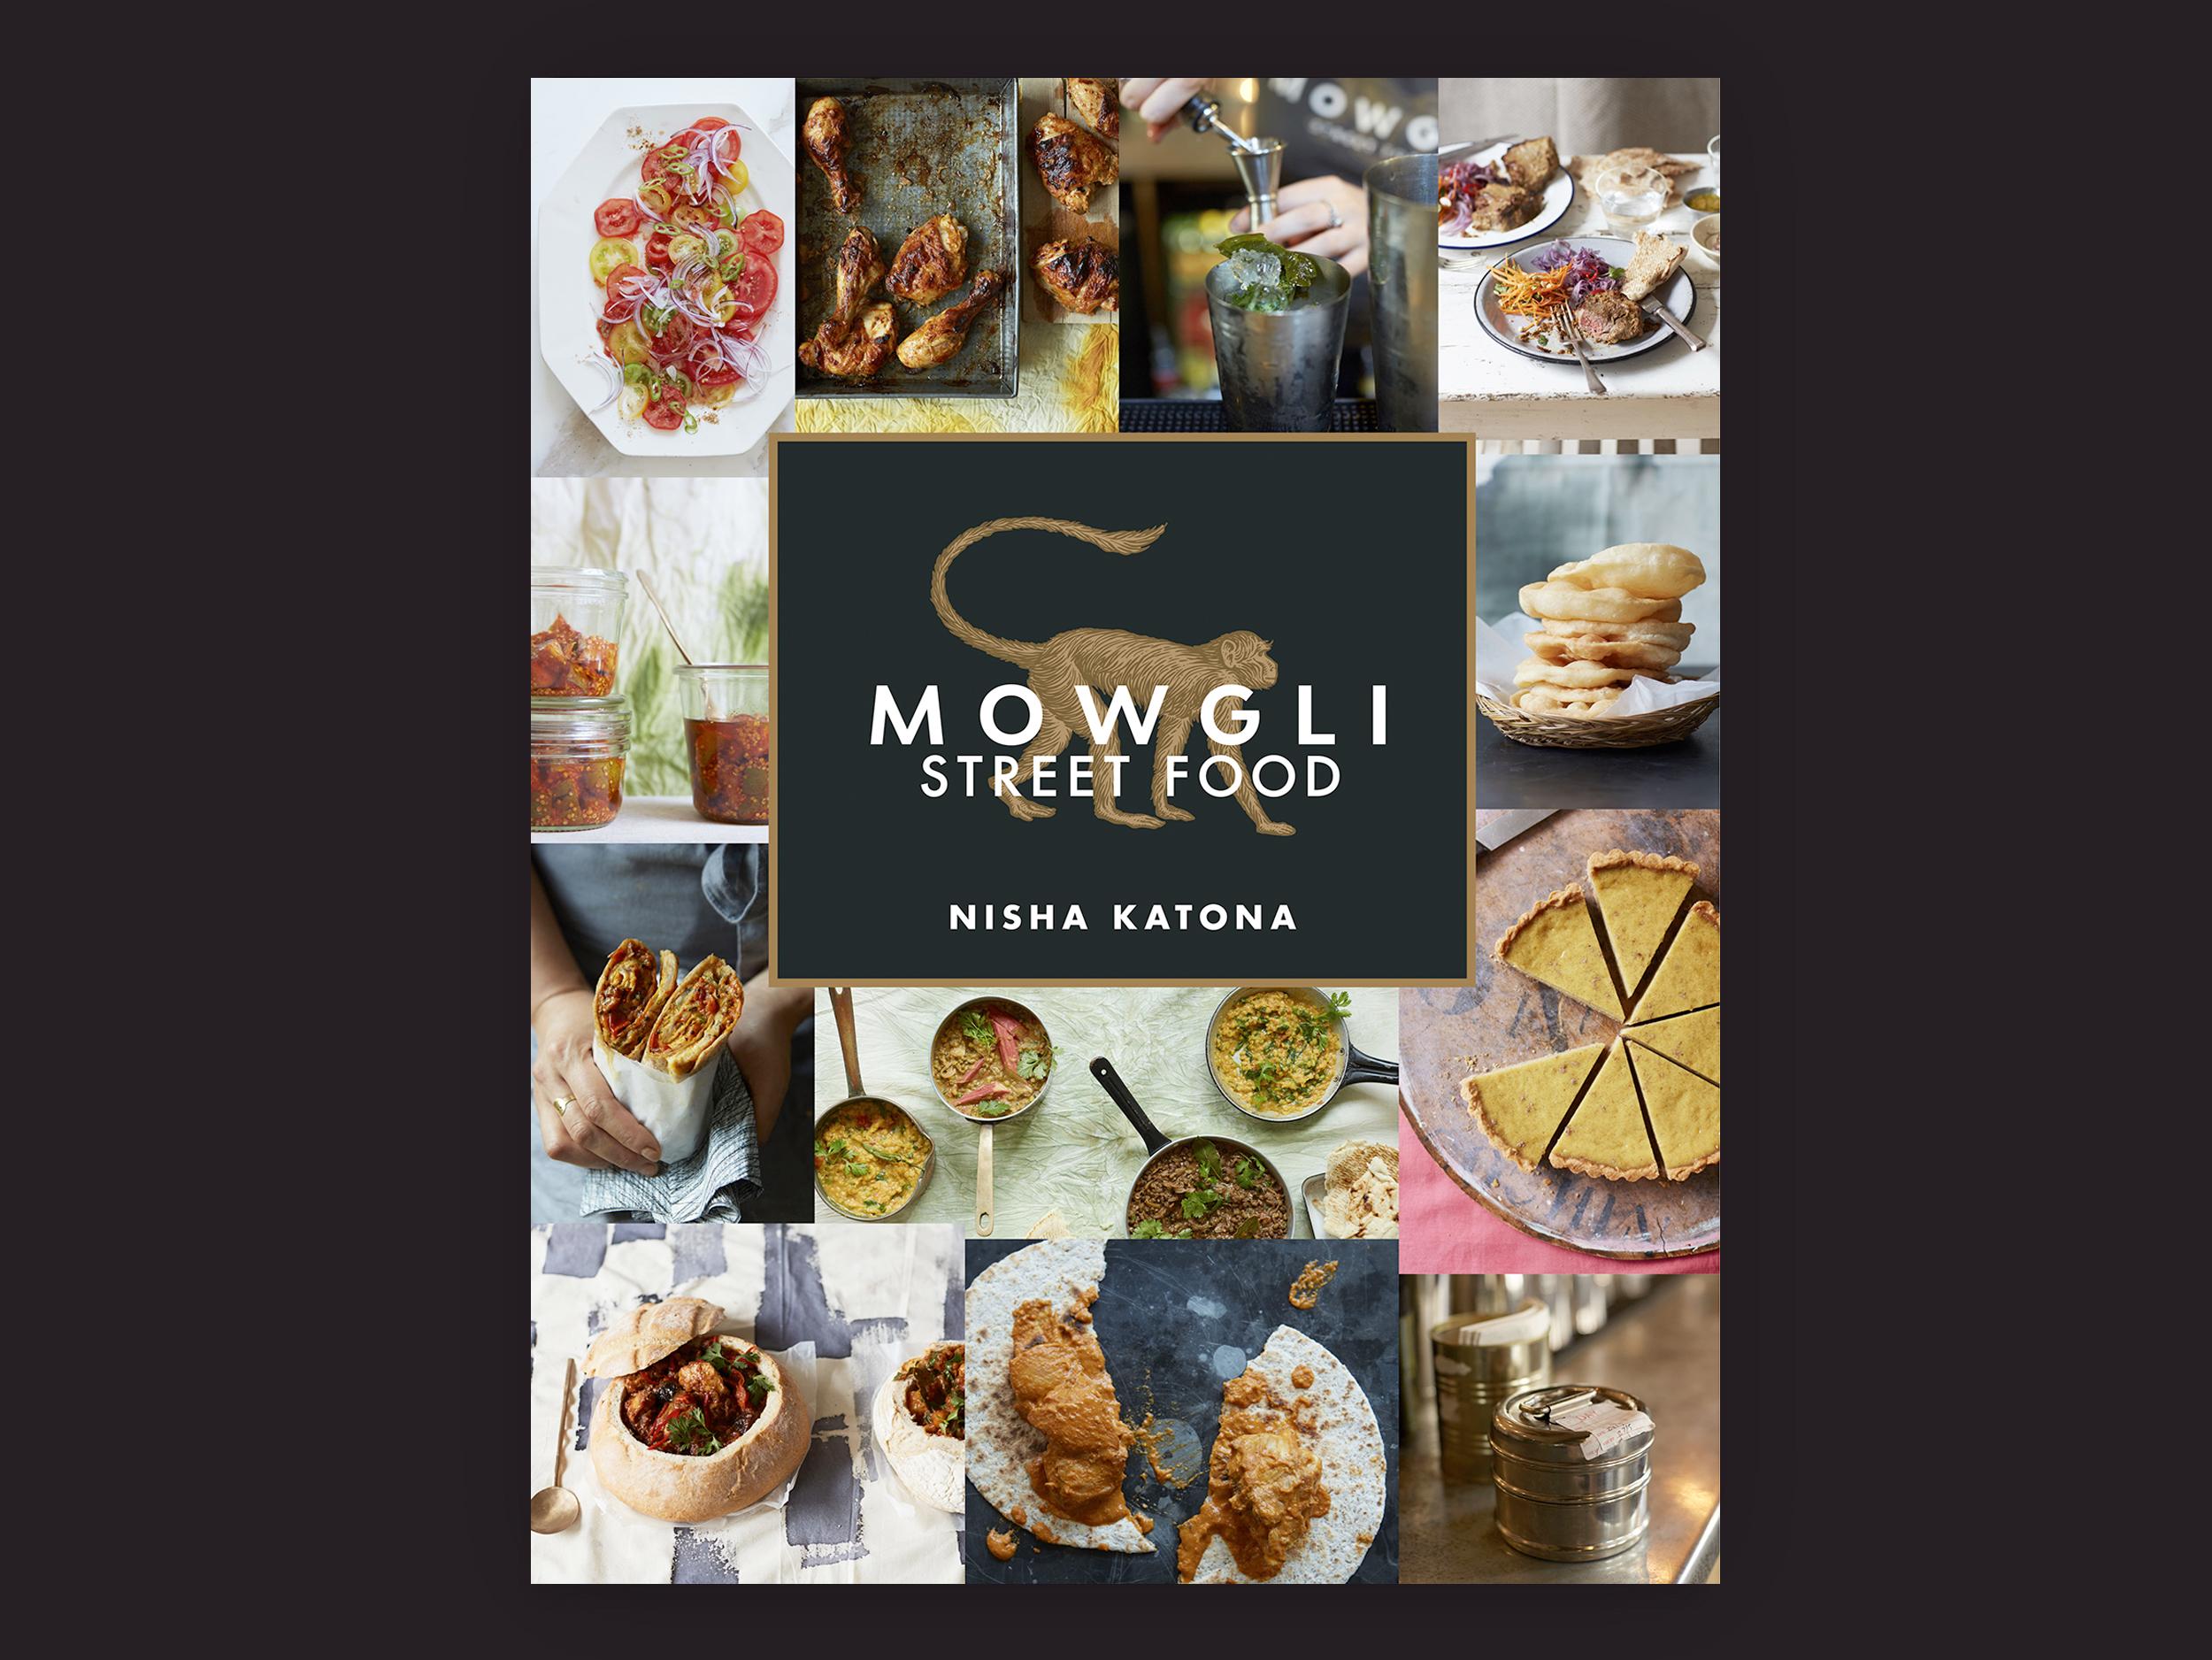 Mowgli_Cover_Mockup_02.jpg